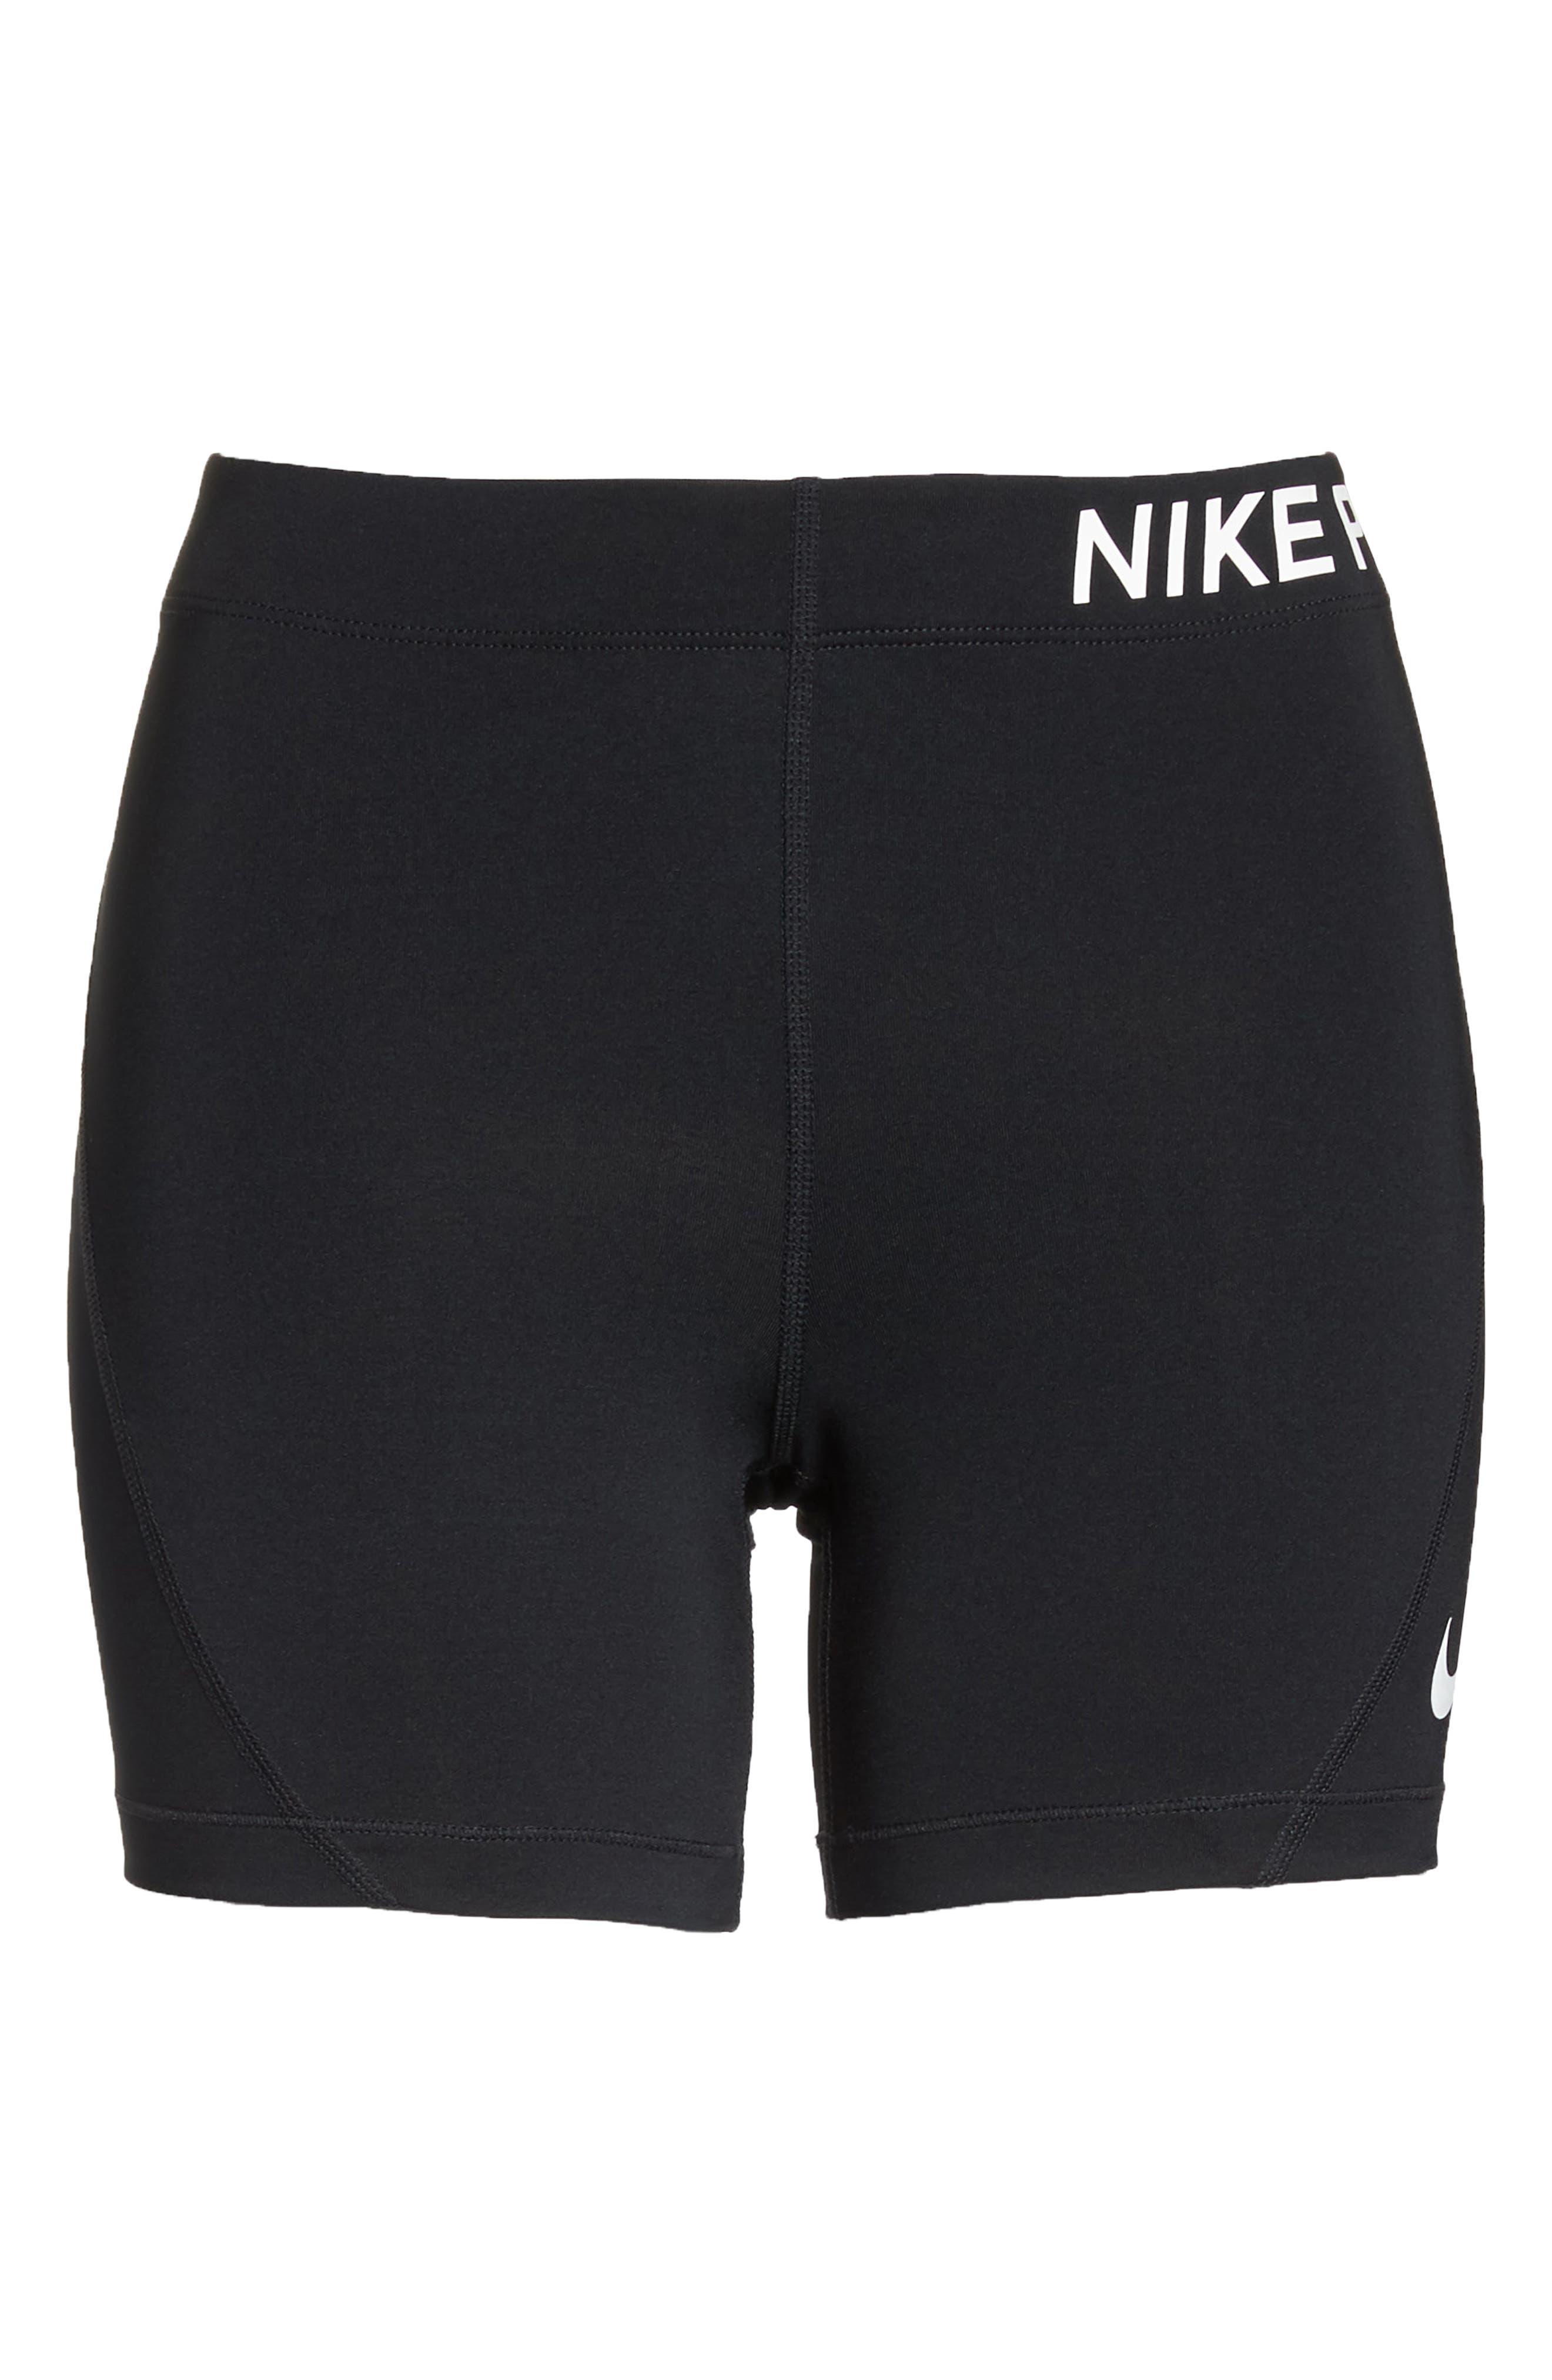 NIKE,                             Pro Training Shorts,                             Alternate thumbnail 7, color,                             011